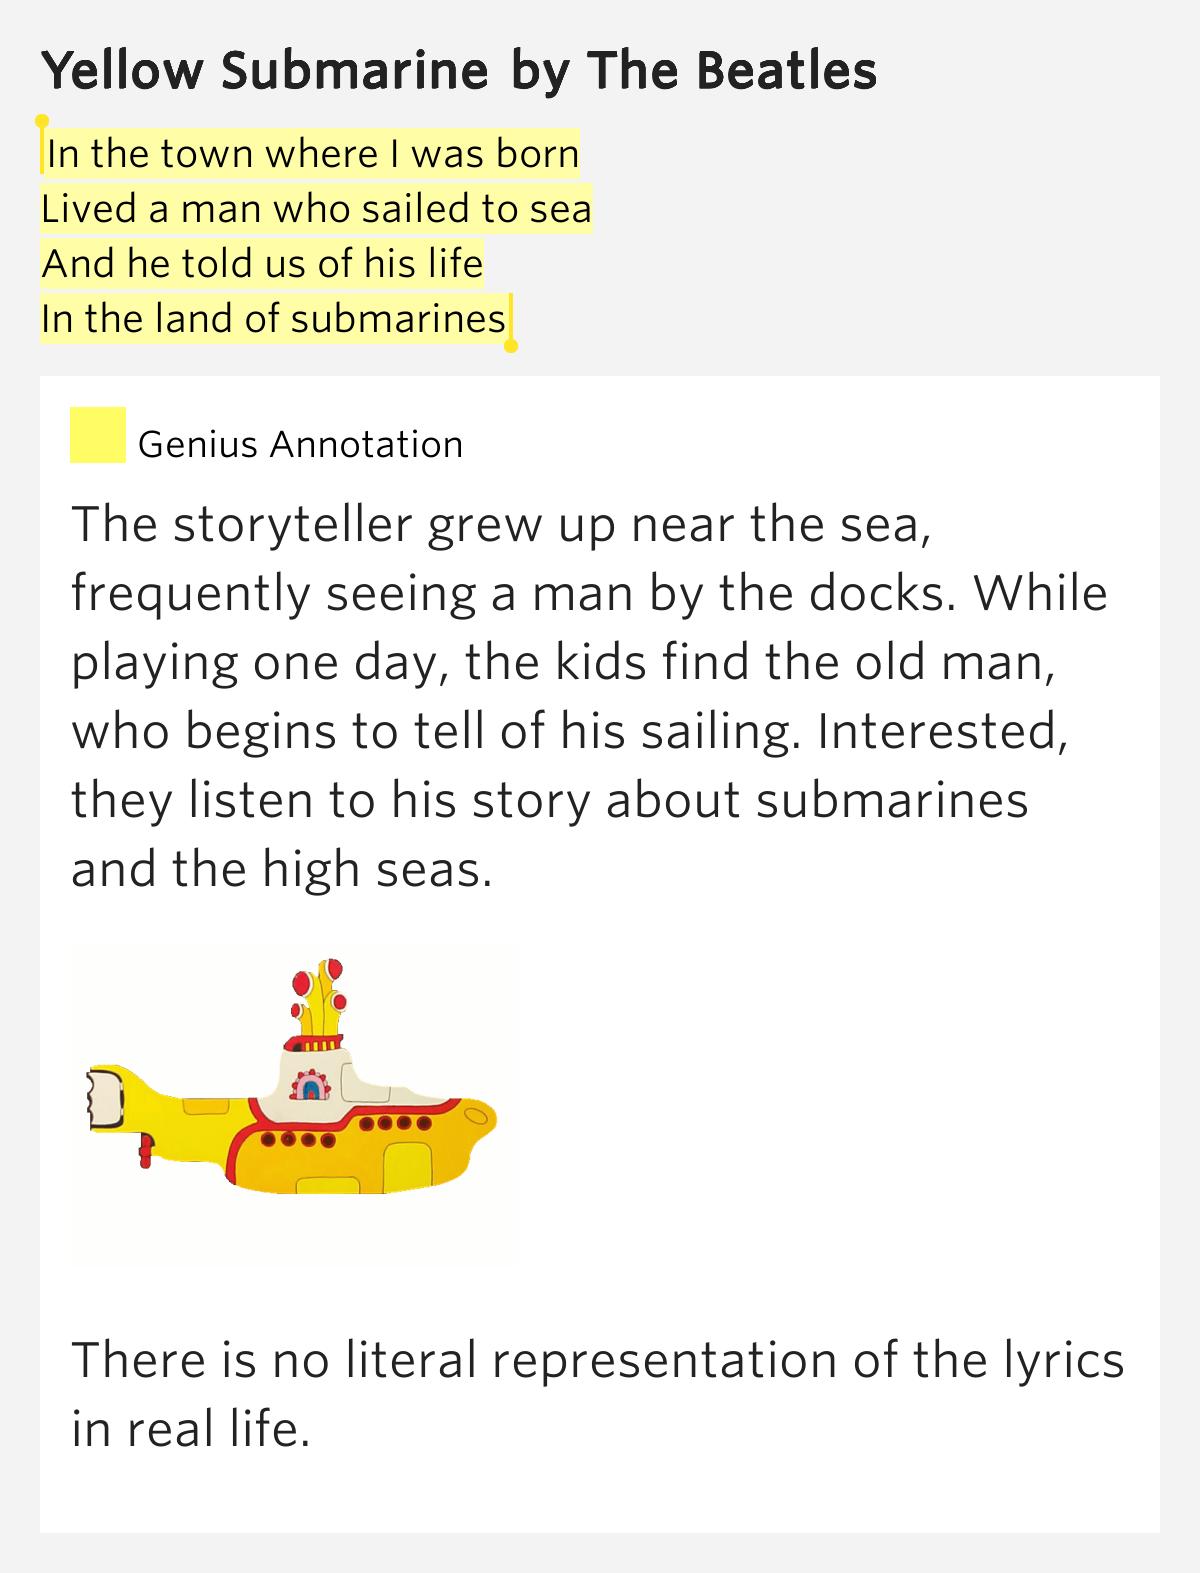 Lyrics containing the term: Yellow Submarine